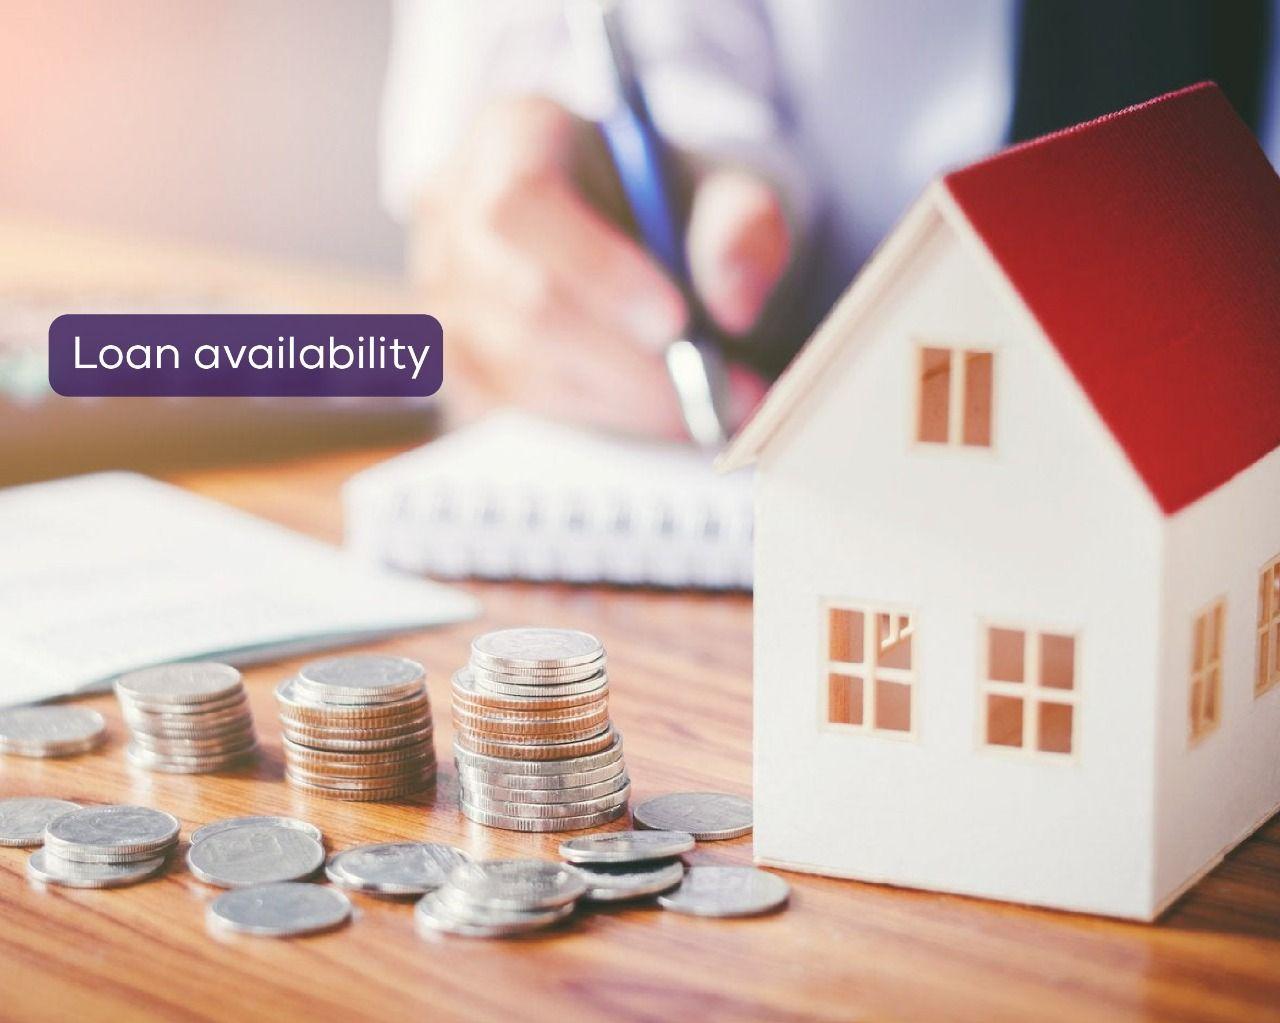 Loan-availability